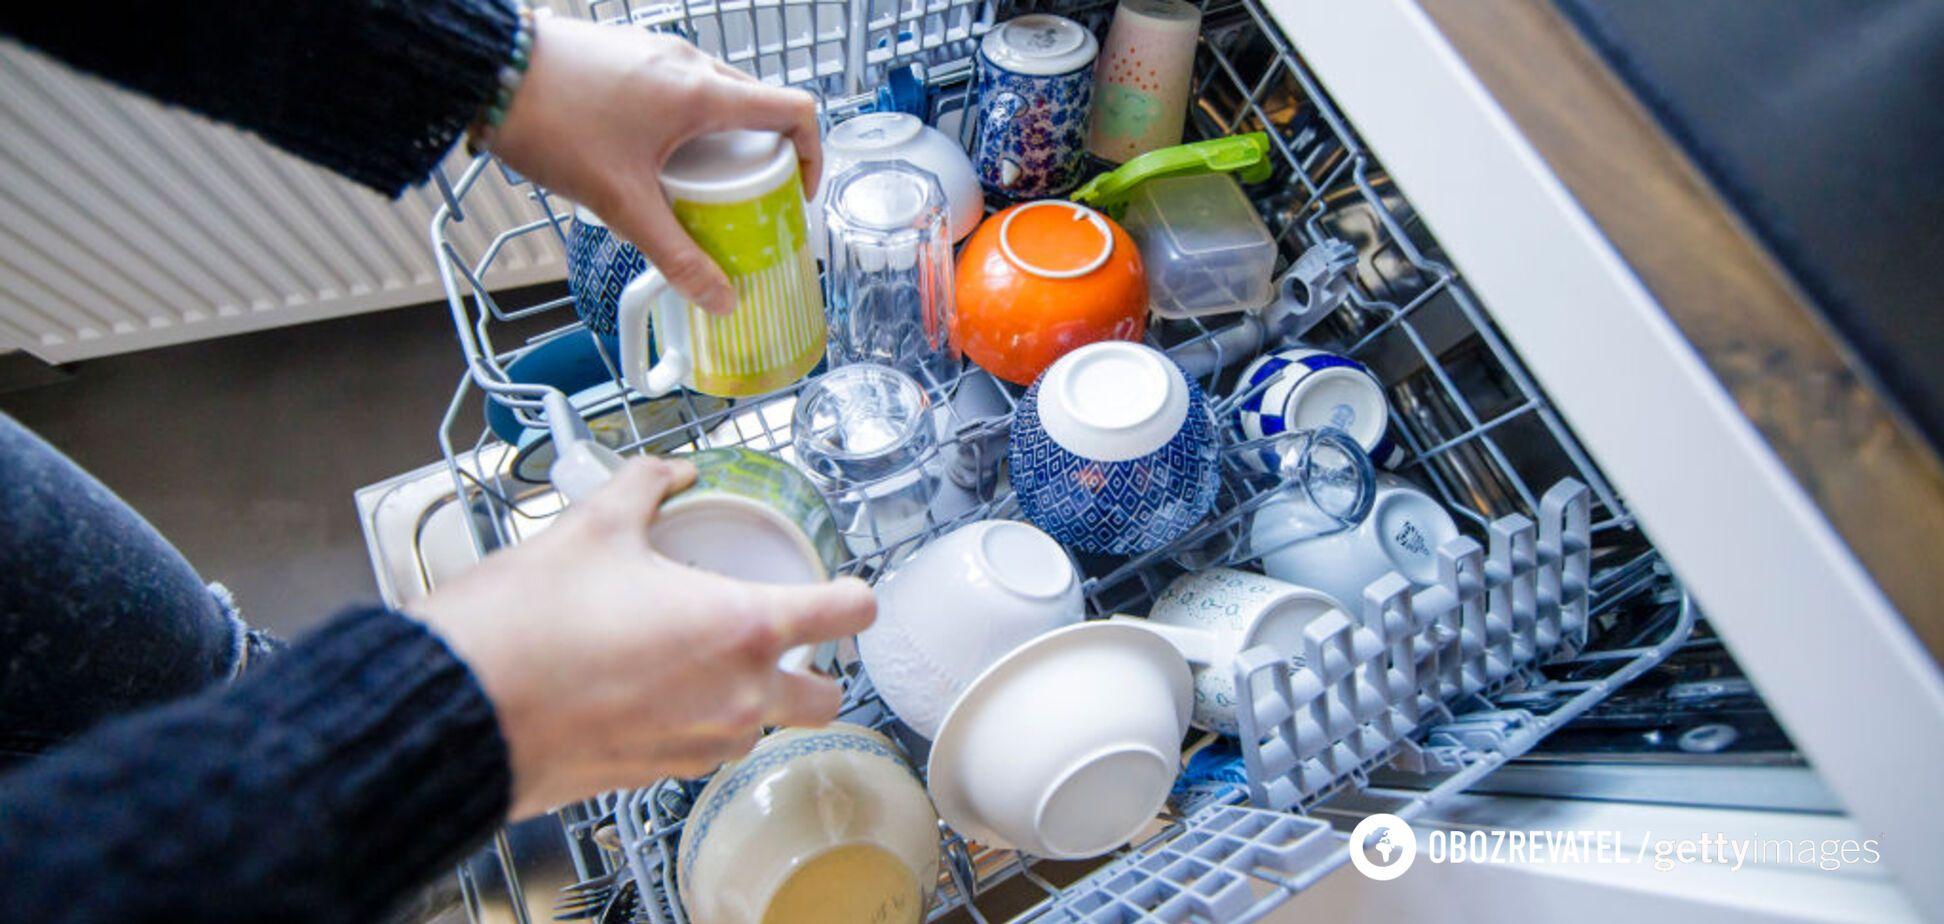 Как обезопасить посудомоечную машину от бактерий и грибка: простые правила